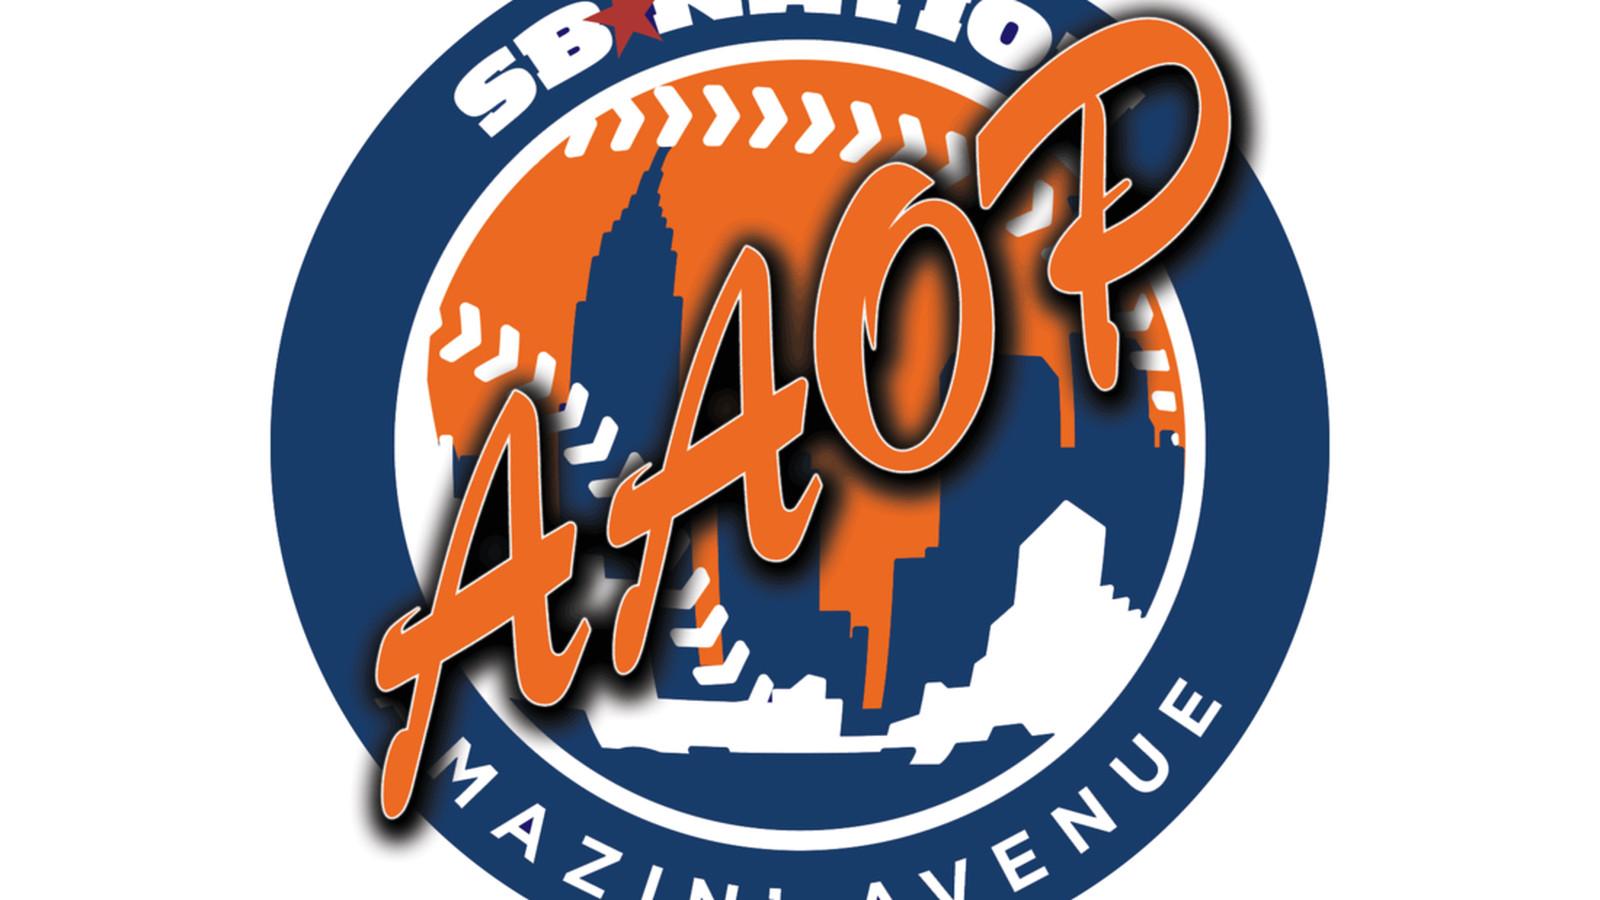 Aaop-2012-wide.0